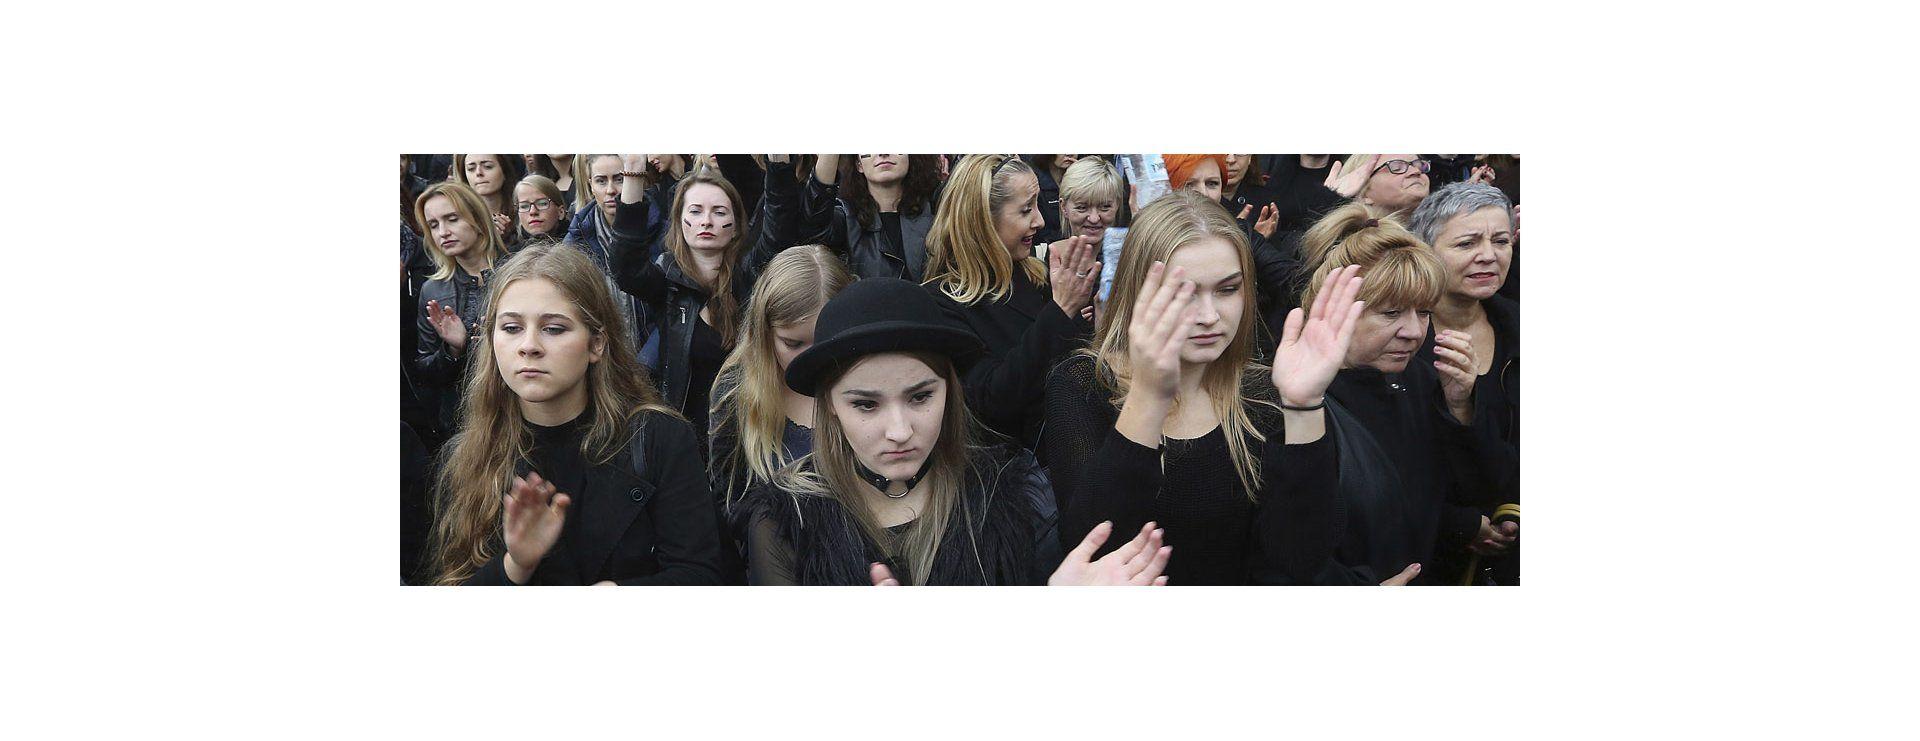 Mujeres protestan en Polonia por posible prohibición del aborto